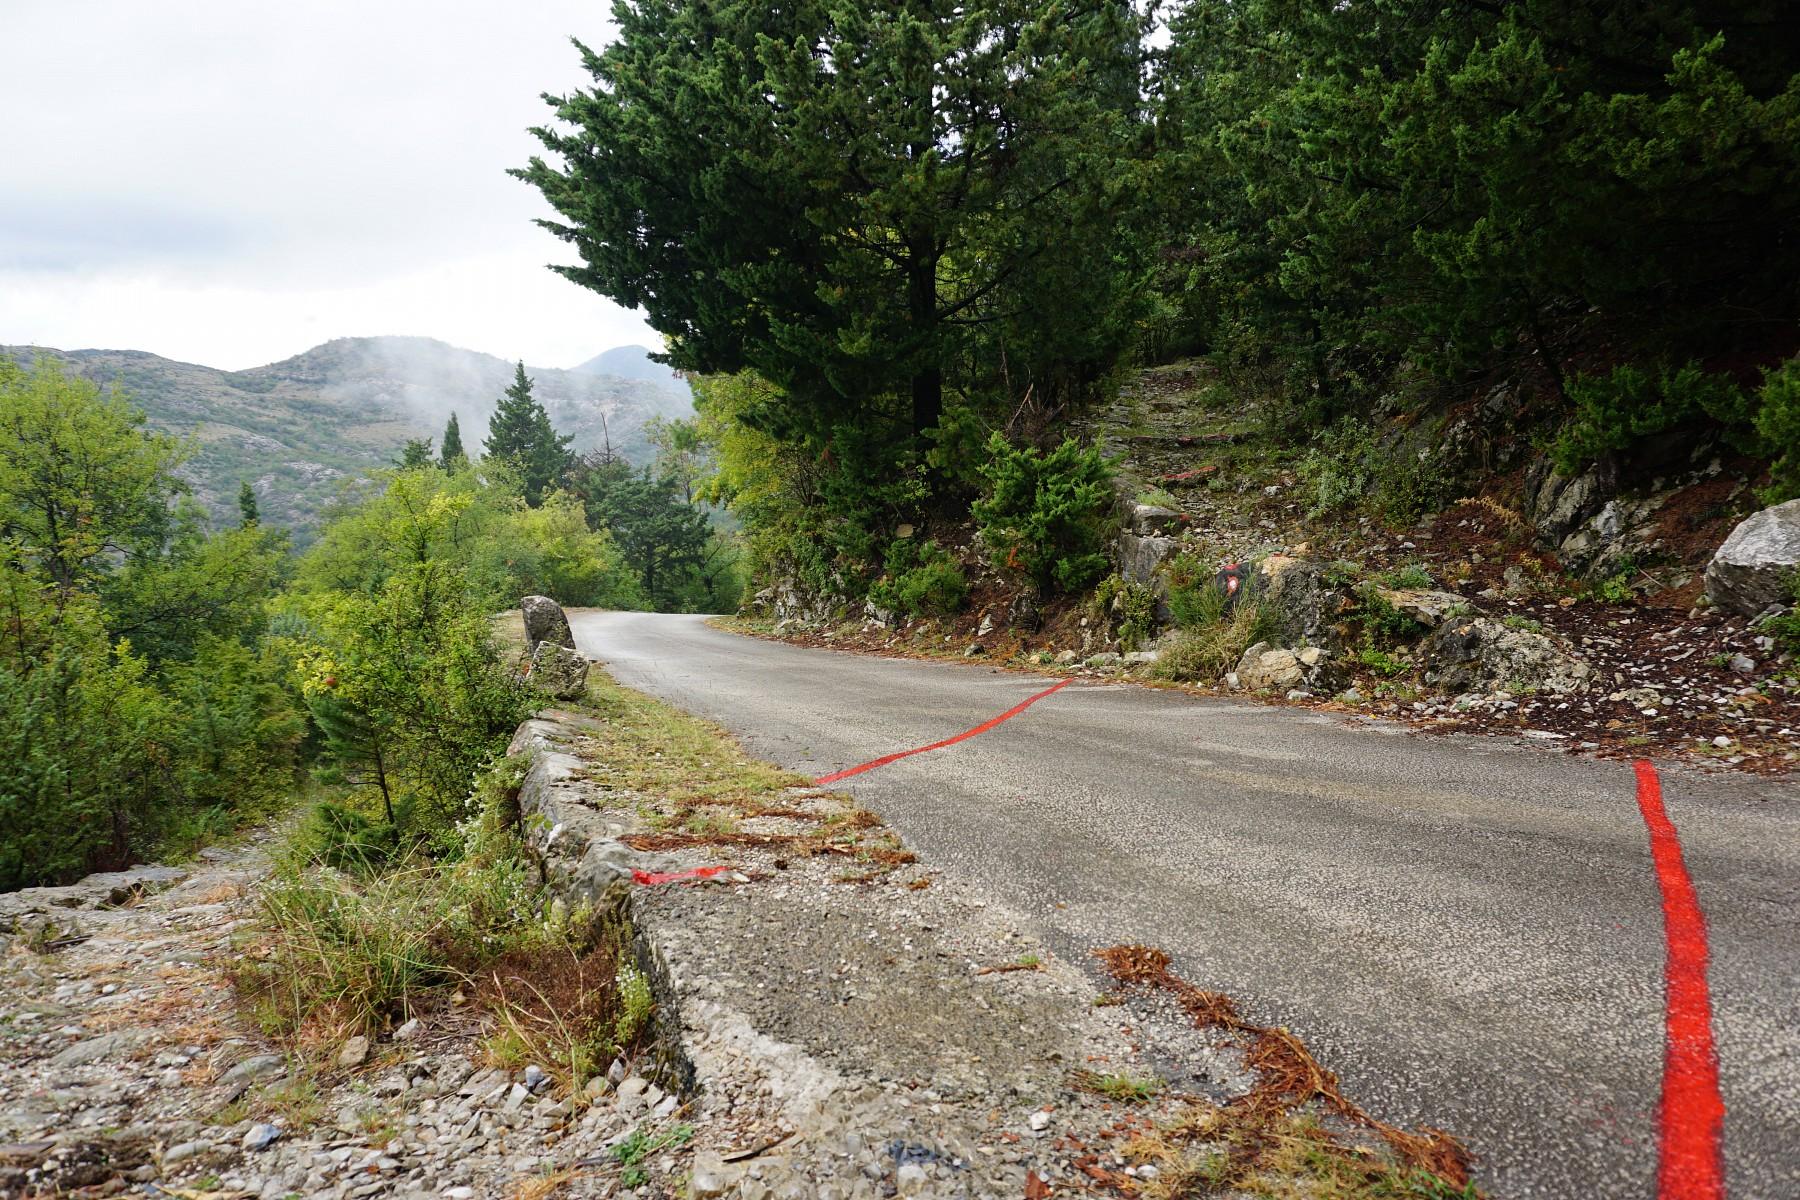 pDort-wo-der-Wanderweg-eine-Straszlige-uumlberquert-wird-sogar-mit-roter-Farbe-auf-dem-Asphalt-nachgeholfenp